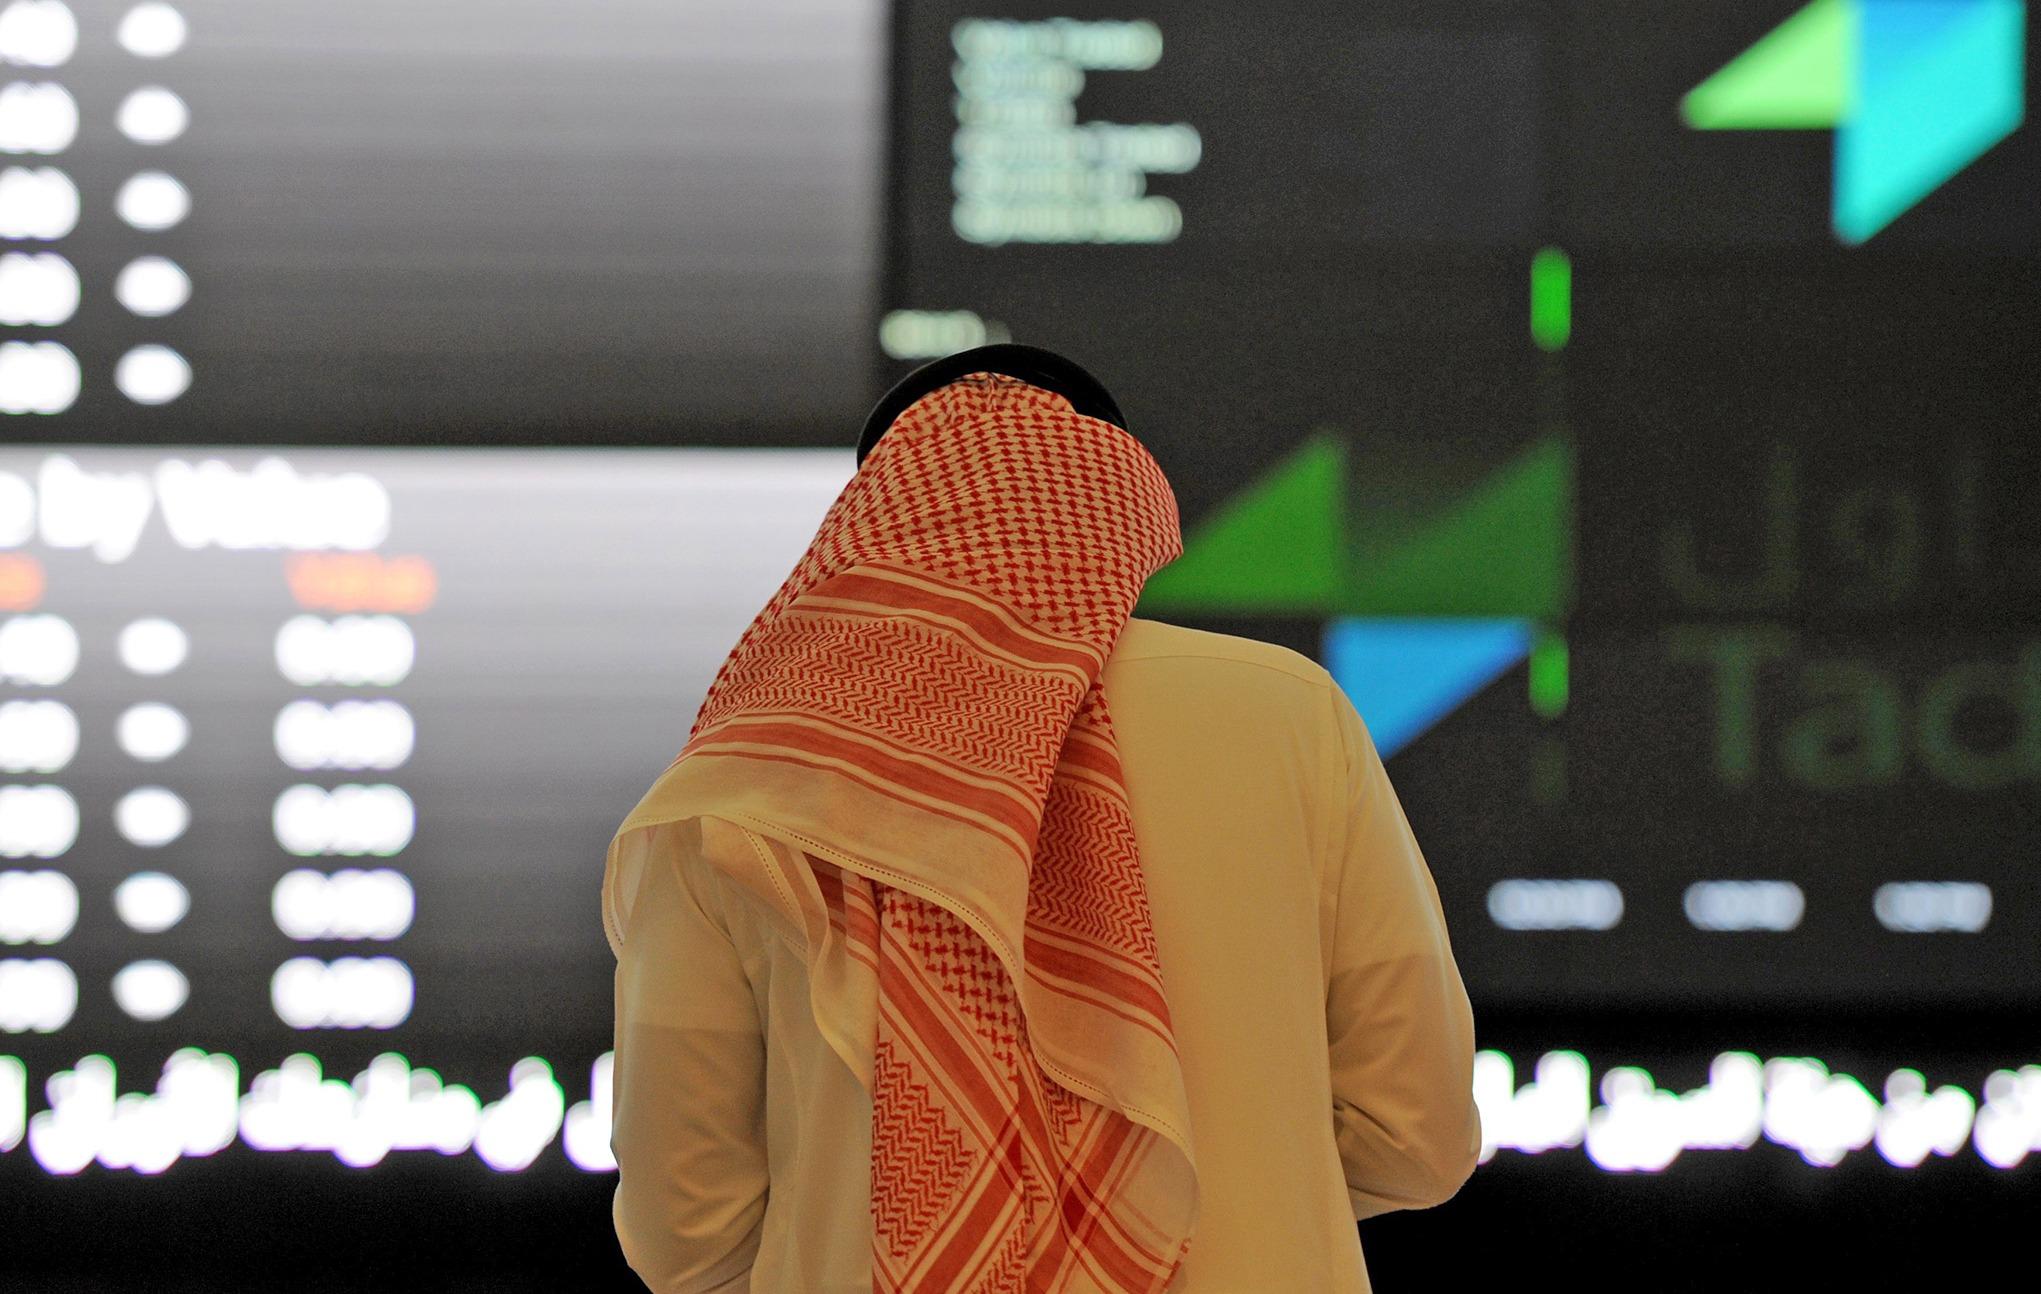 إطلاق تطبيق جديد خاص بالاقتصاد السعودي